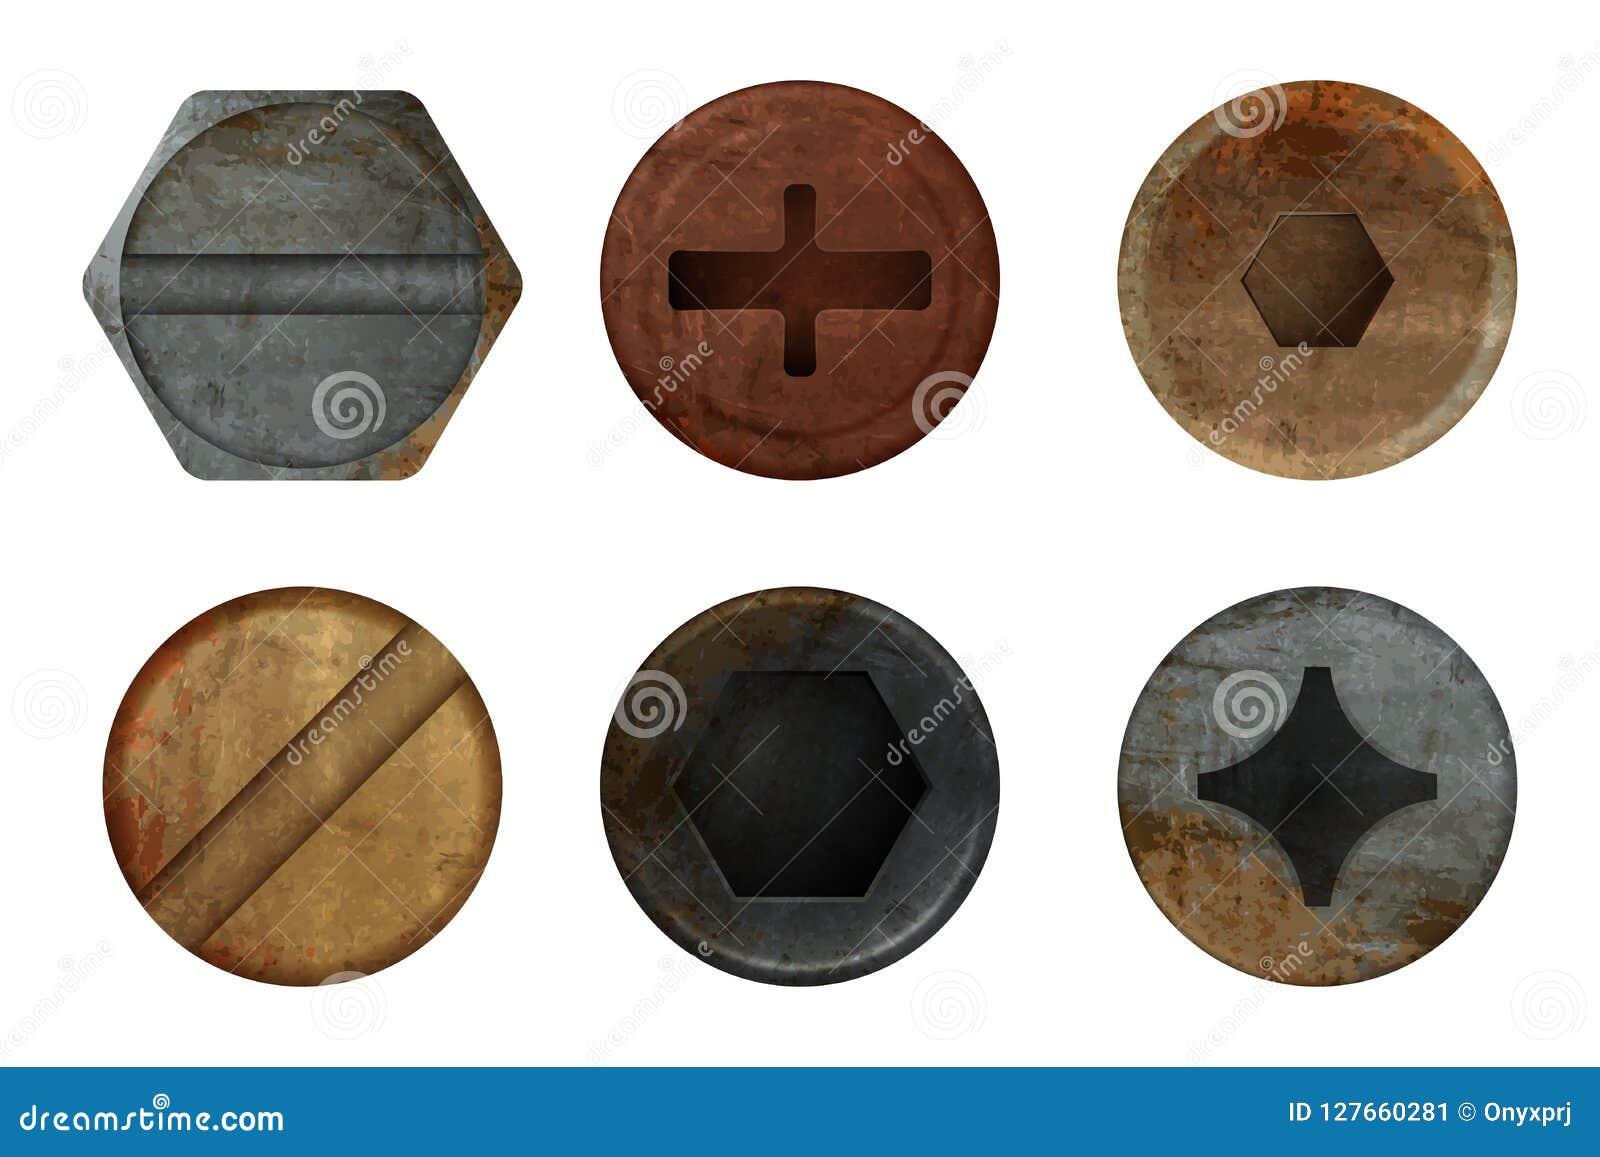 老生锈的螺栓螺丝 硬件铁锈不同的铁工具的金属纹理 传染媒介现实图片